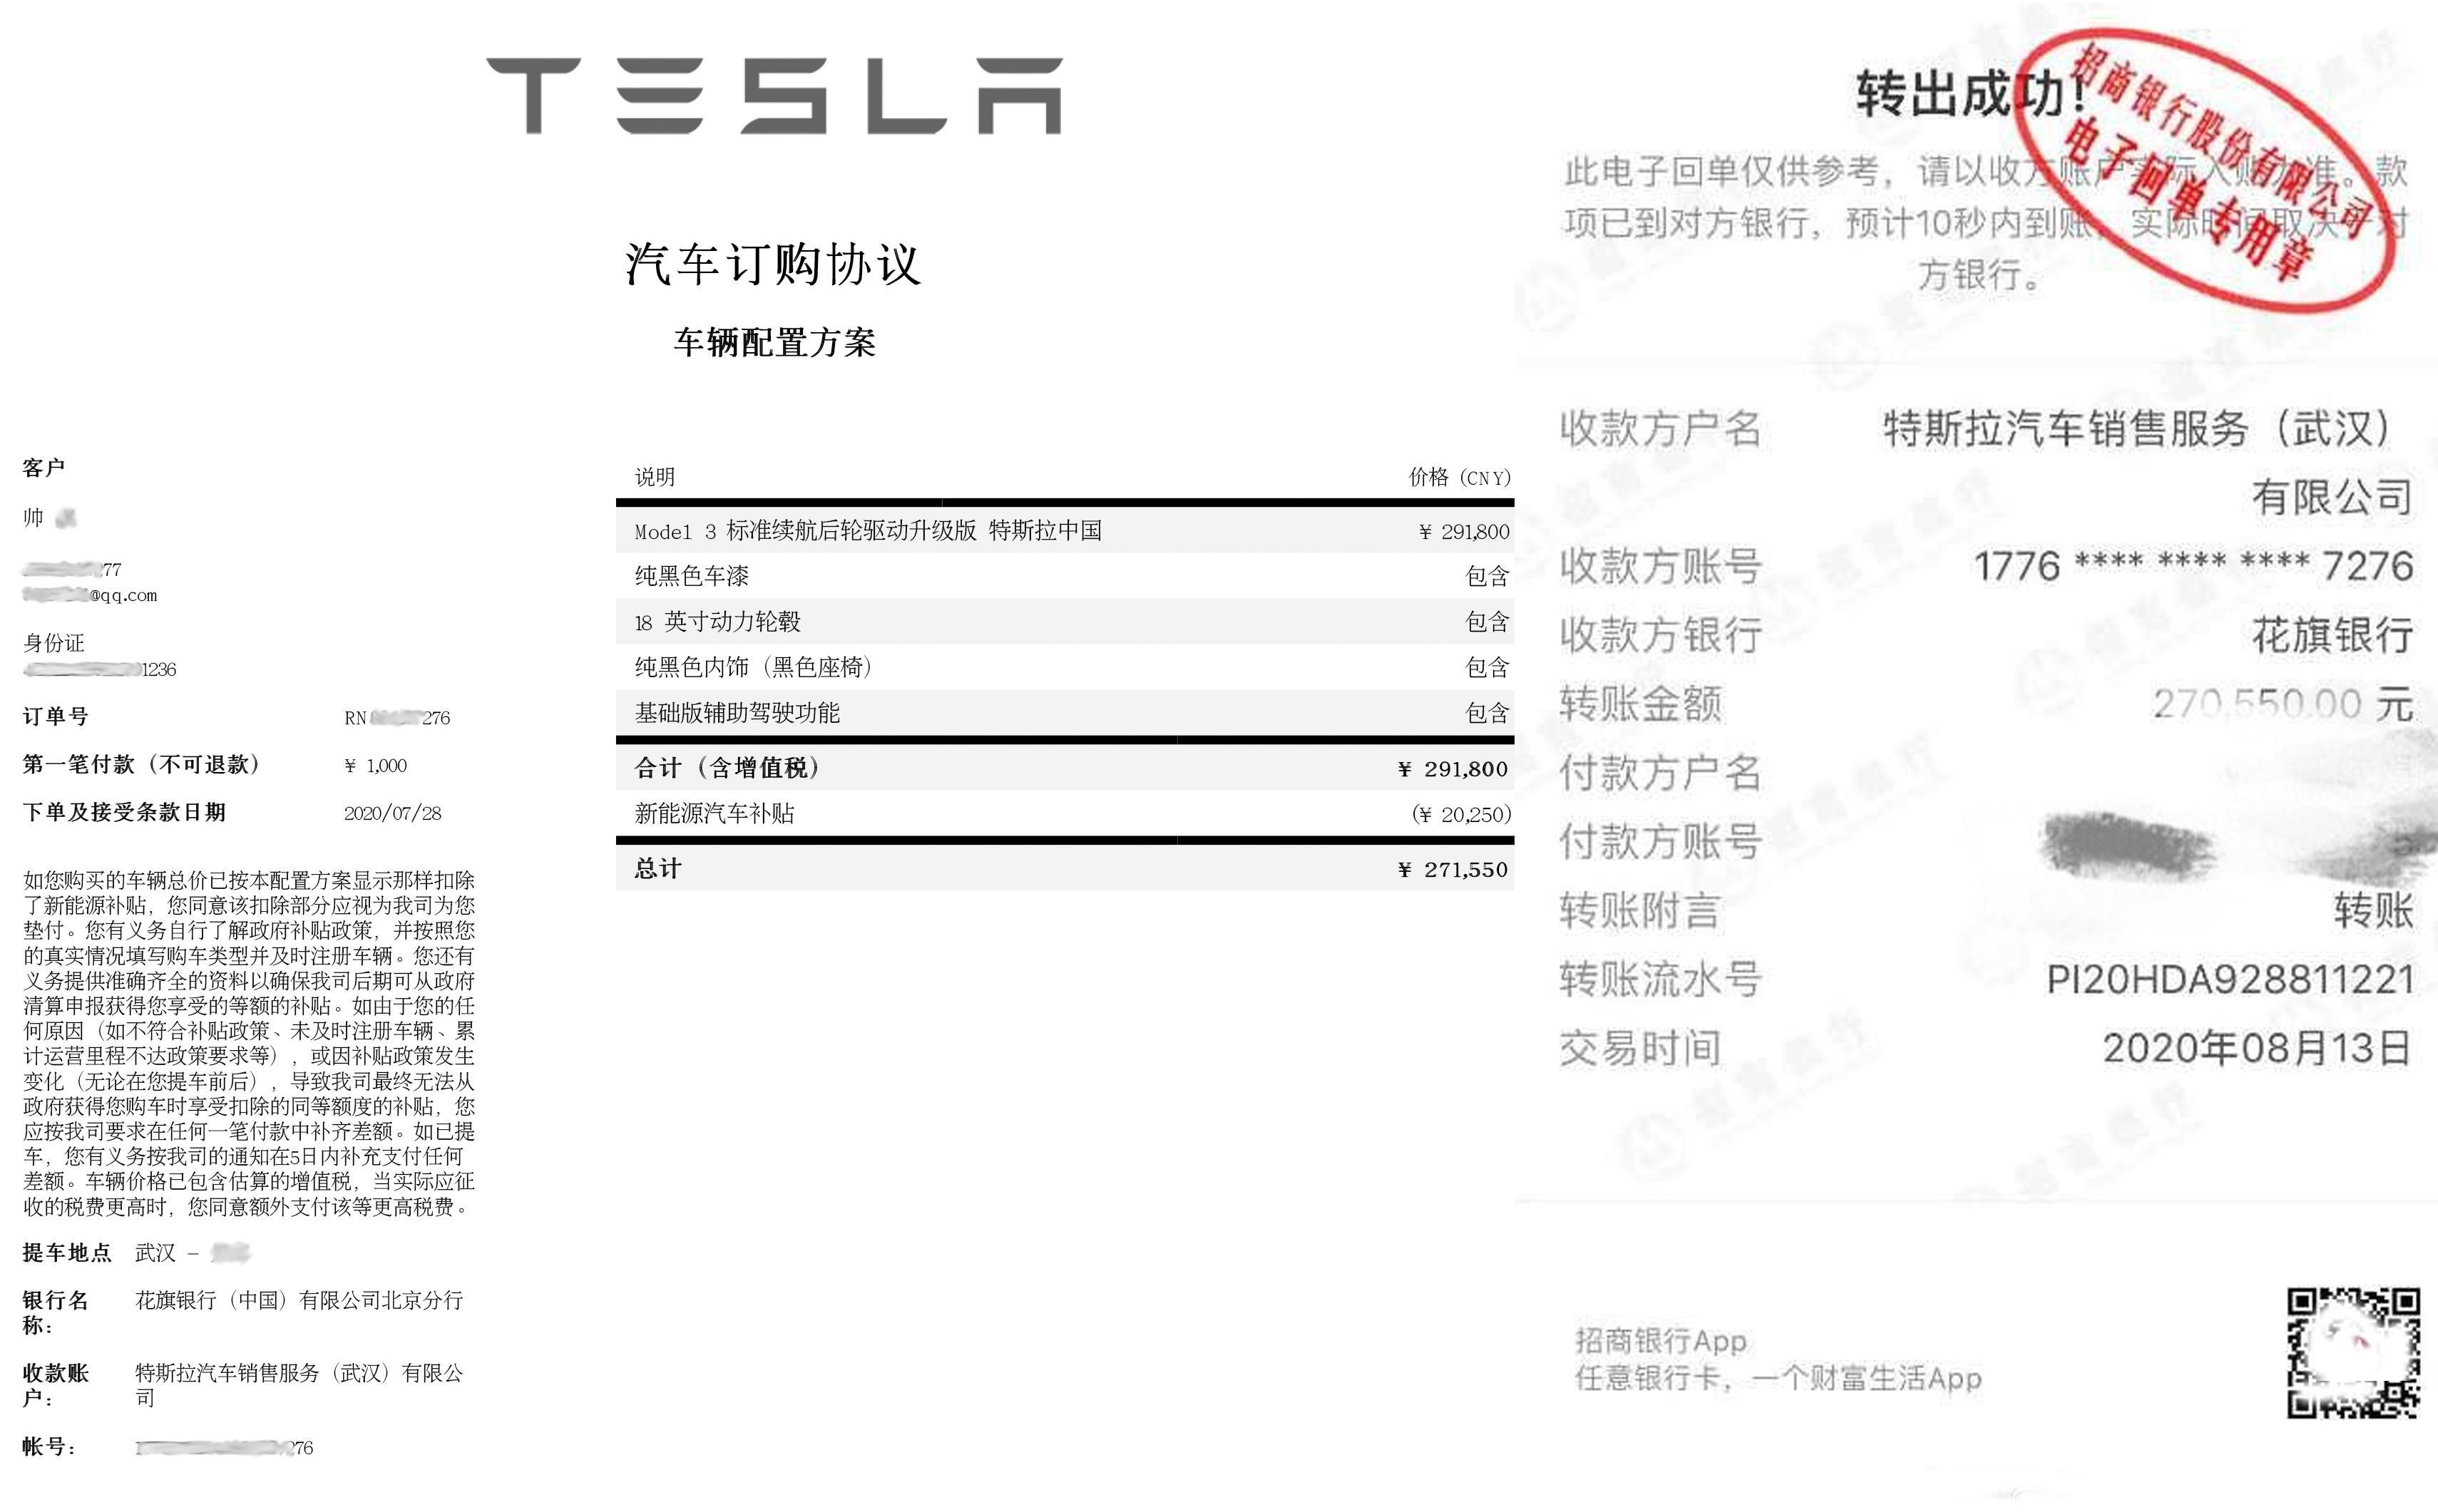 """拼多多回应""""特斯拉拒绝向团购车主交付Model 3"""""""